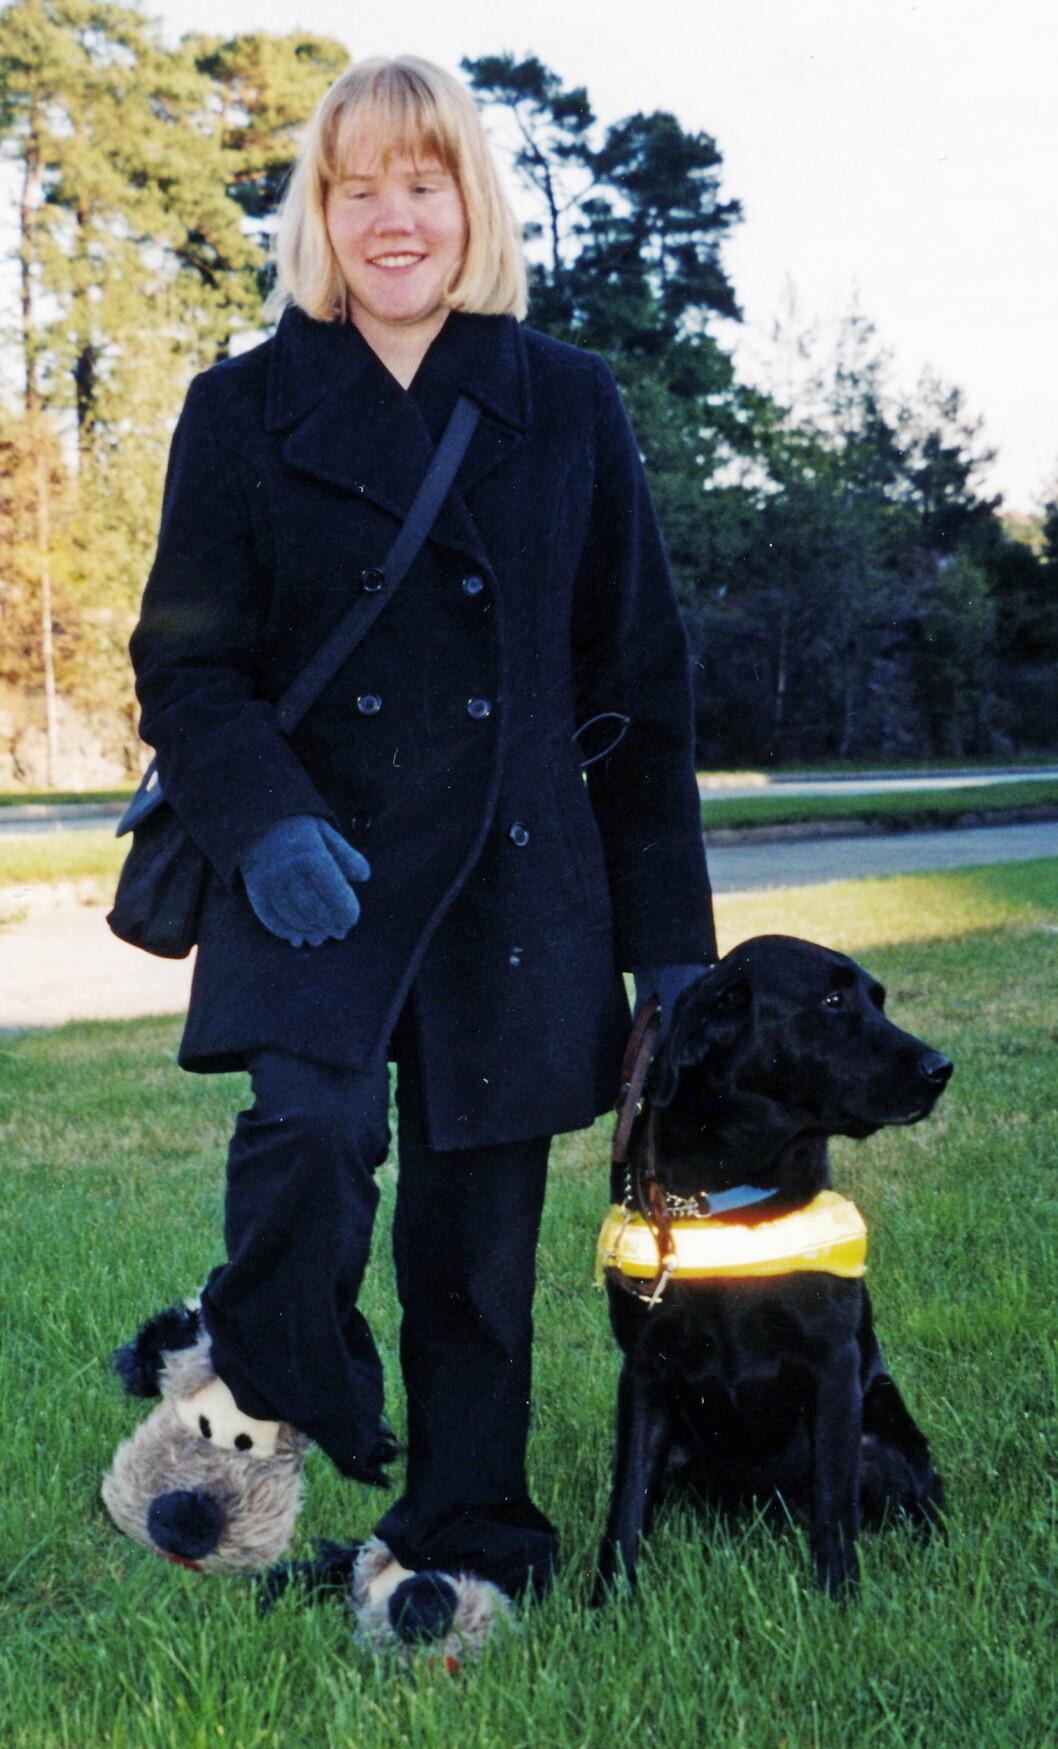 """HJELPEREN: Førerhunden """"Oda"""" var Lises gode hjelper i mange år.  *** Local Caption ***  HJELPEREN: Førerhunden """"Oda"""" var Lises gode hjelper i mange år."""